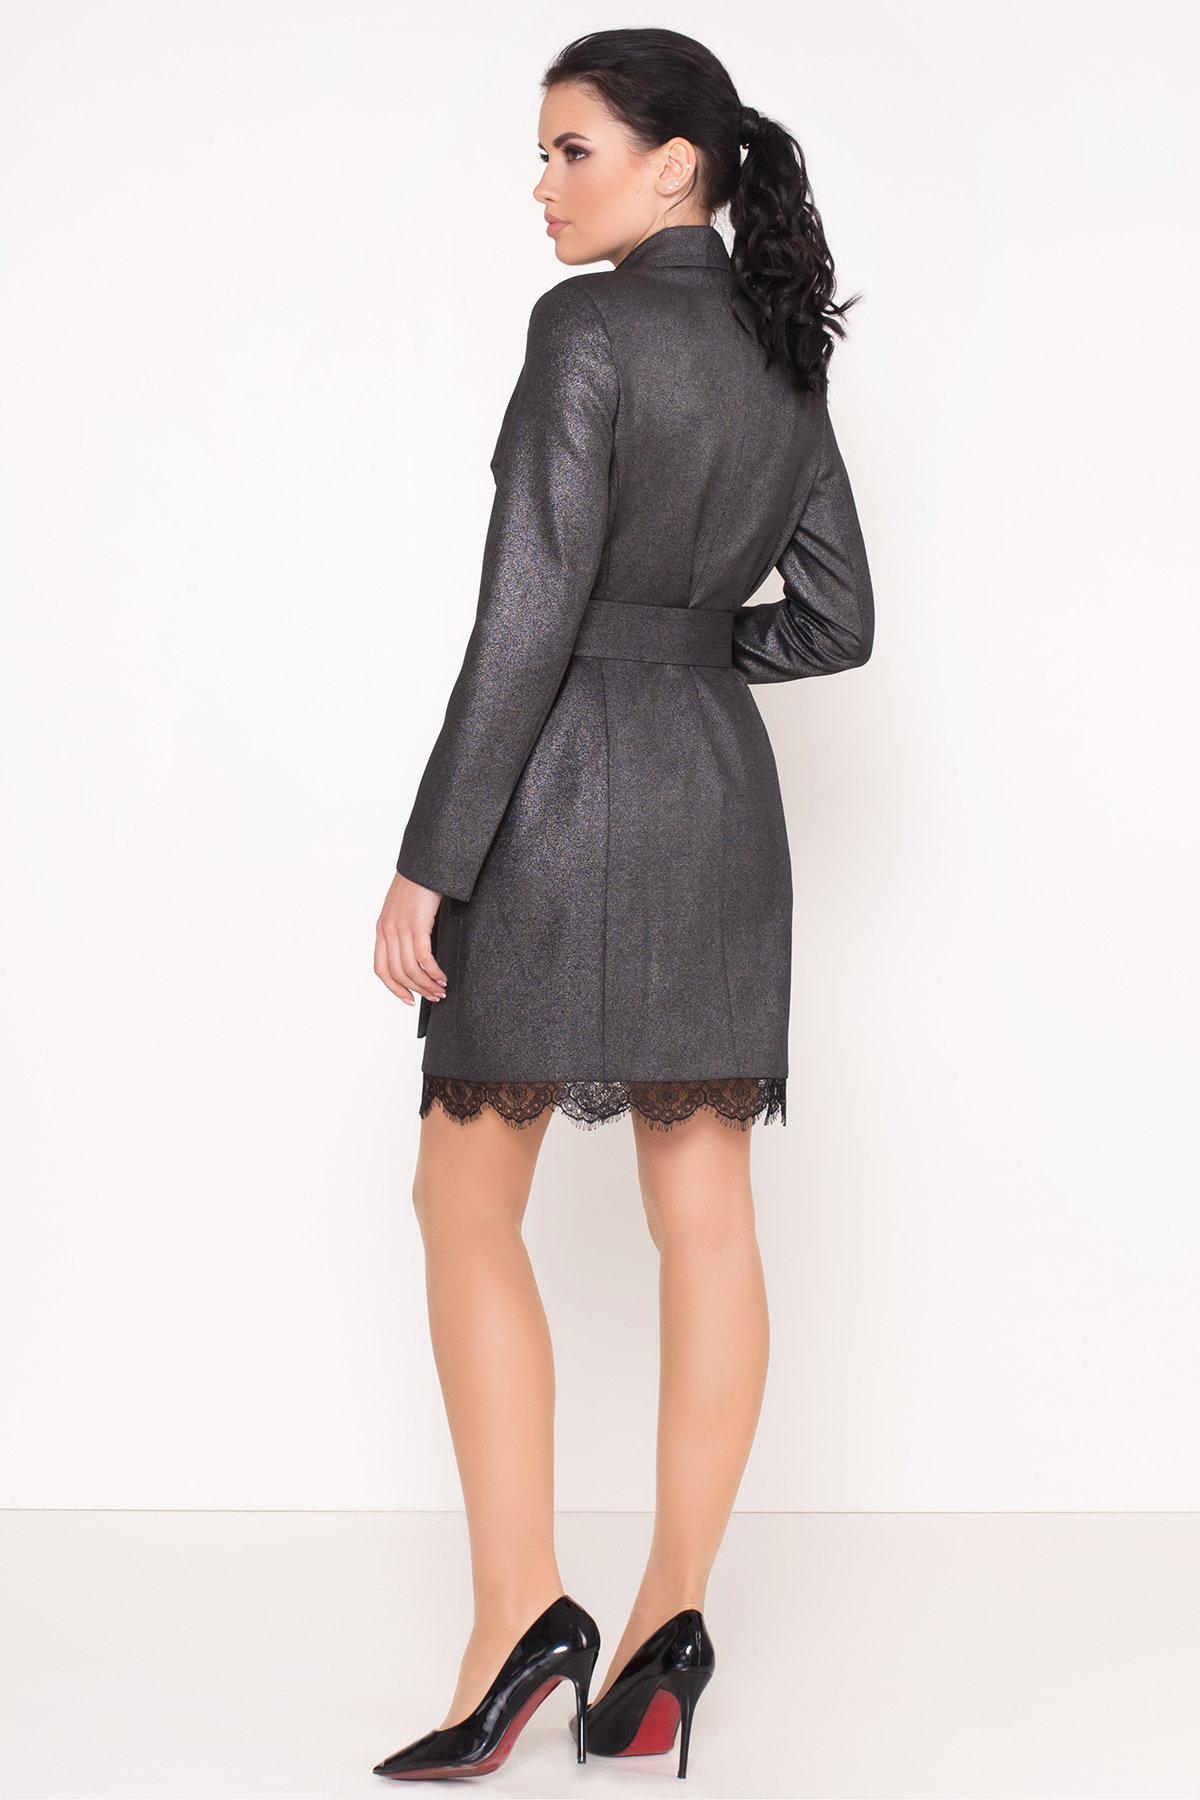 Платье-жакет Маренго 8587 АРТ. 44899 Цвет: Черный - фото 2, интернет магазин tm-modus.ru